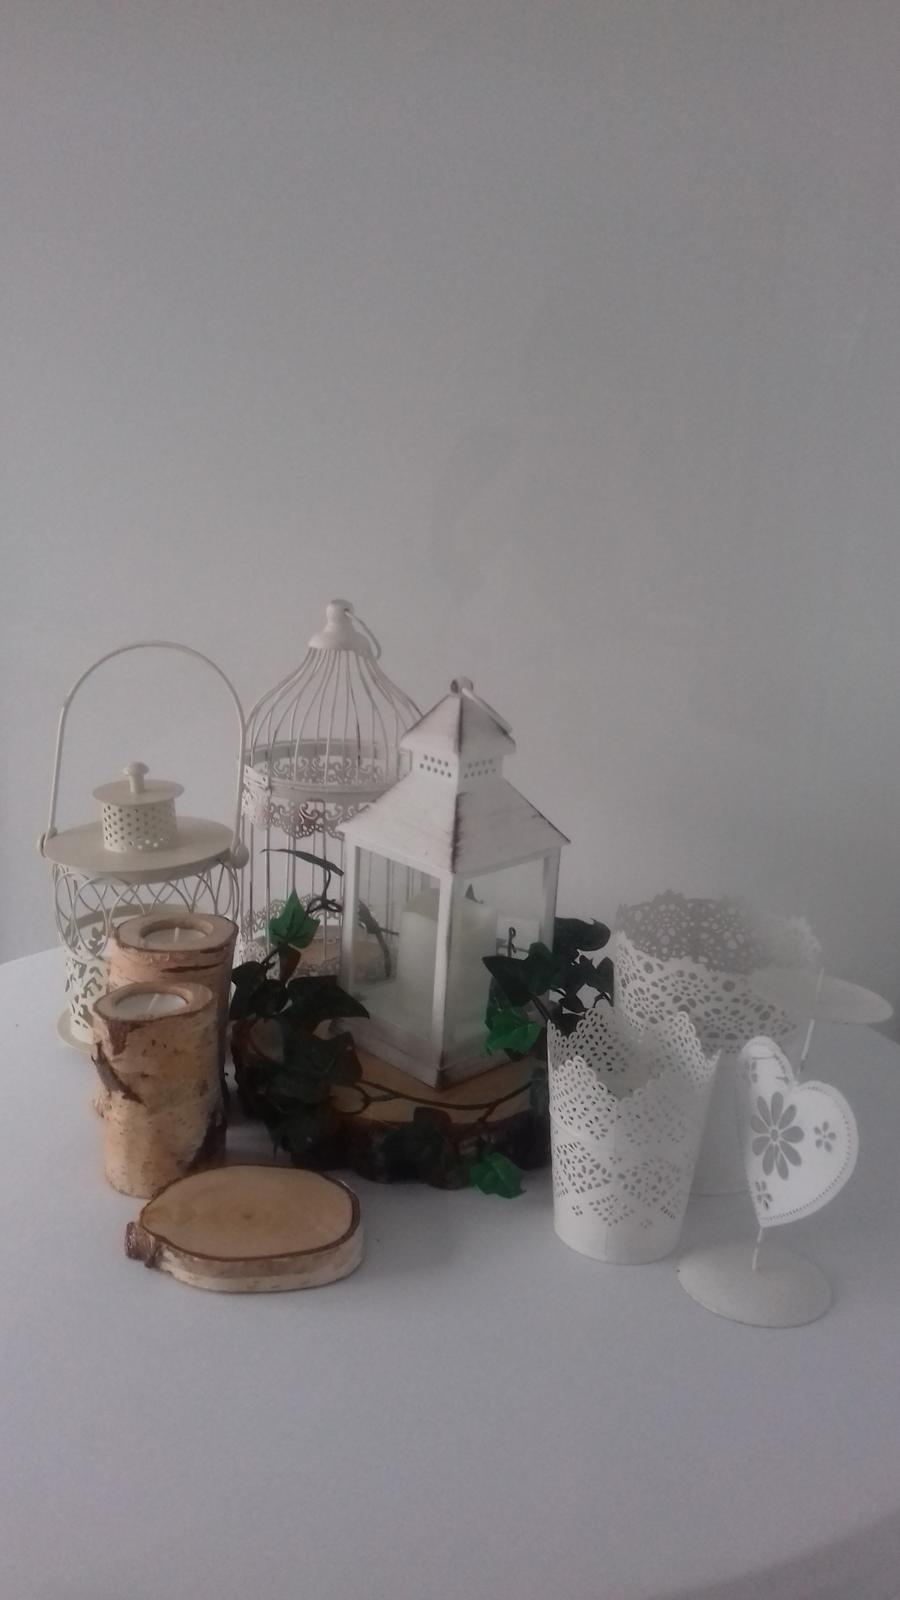 Prenájom svietnikov a váz. - Obrázok č. 2